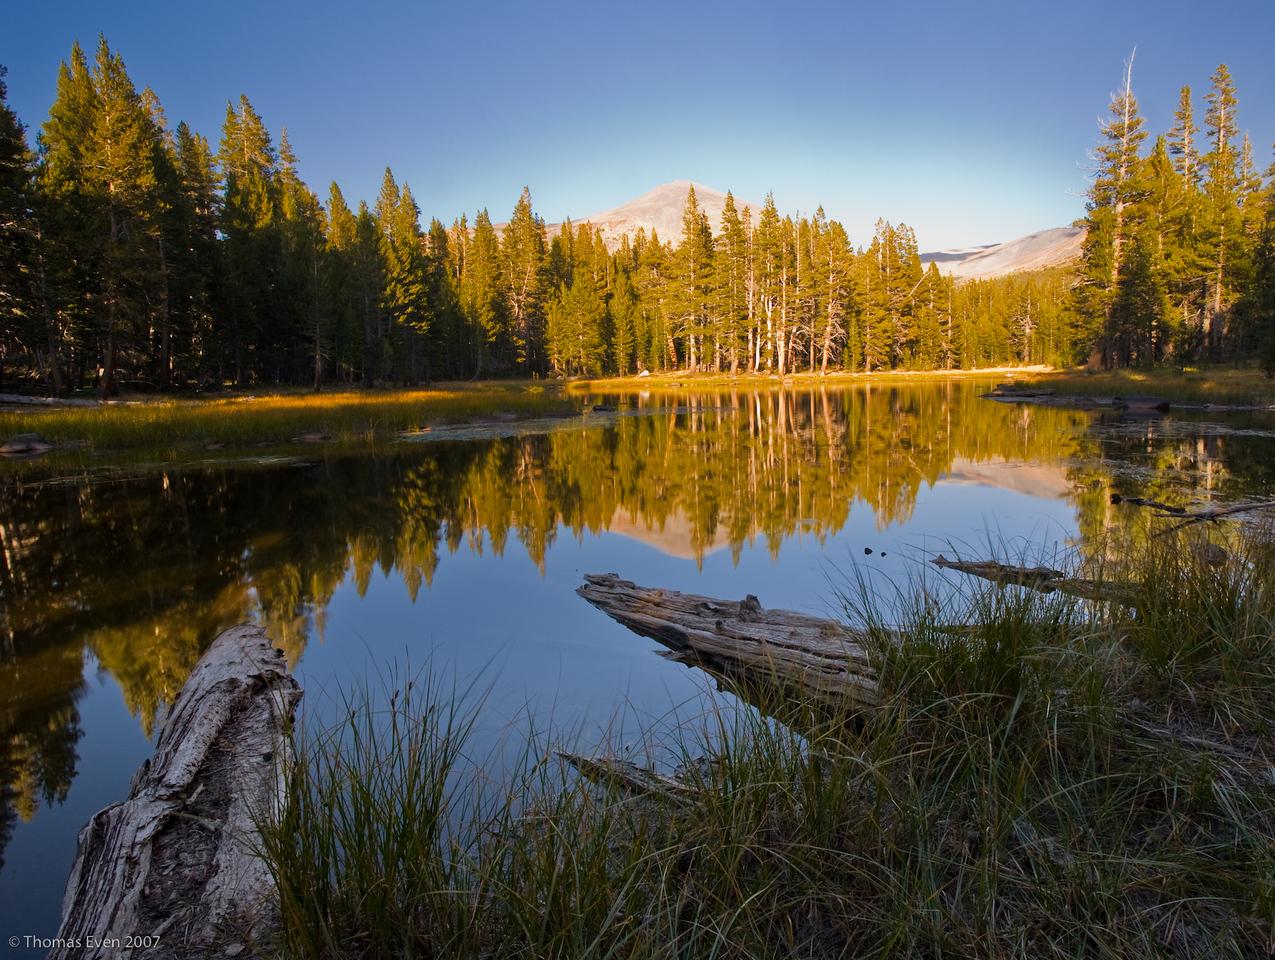 Yosemite_20070825_6790-Edit